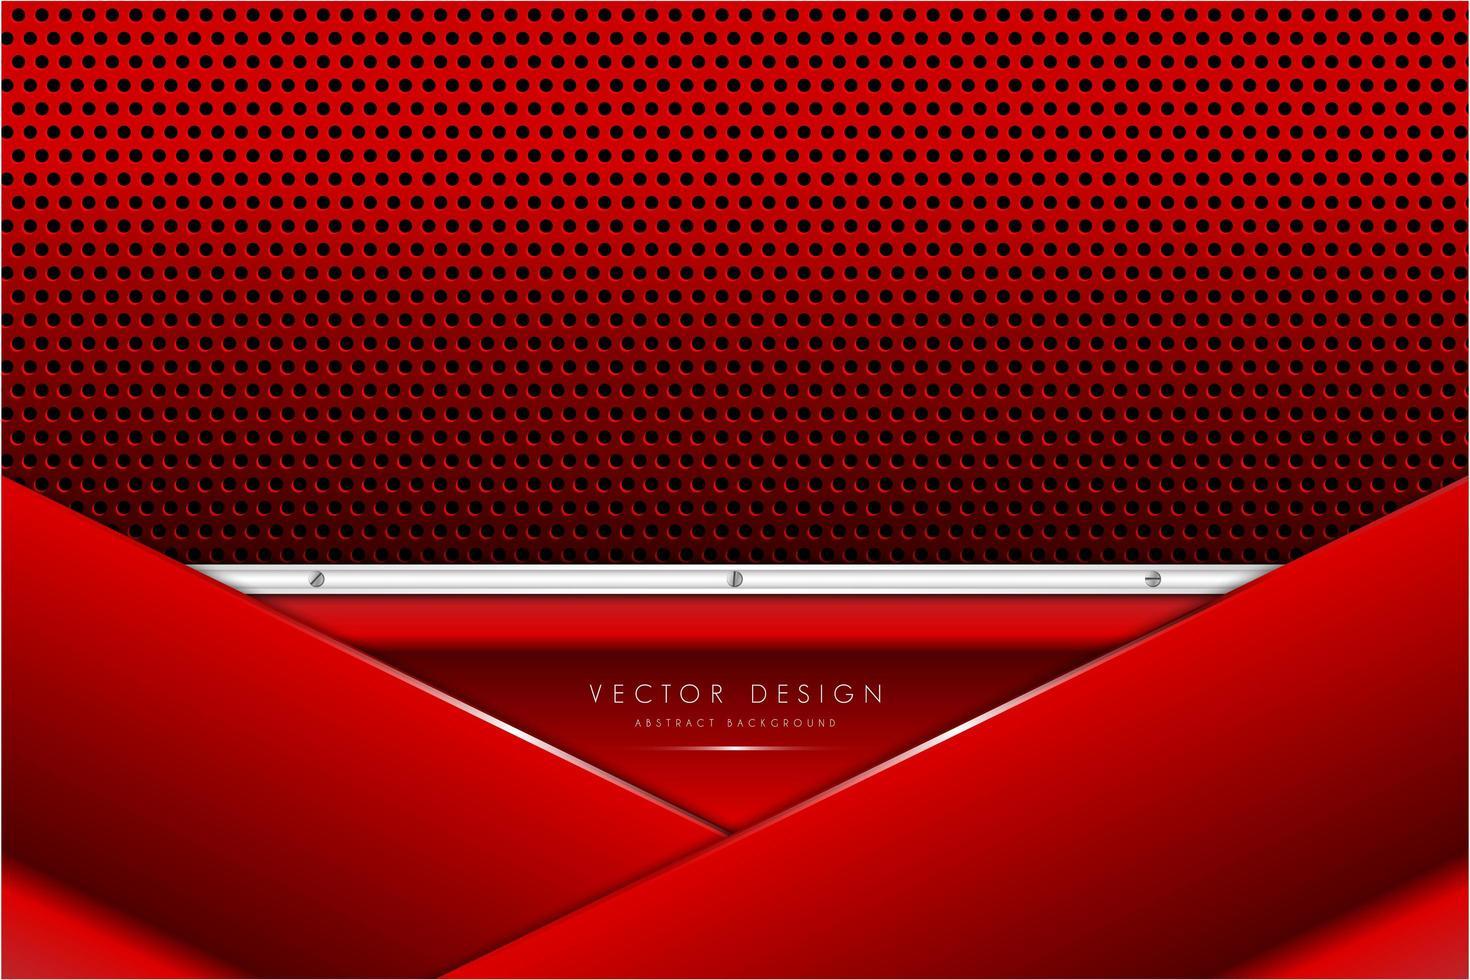 metallische rote und silberne Paneele mit Kohlefasertextur vektor